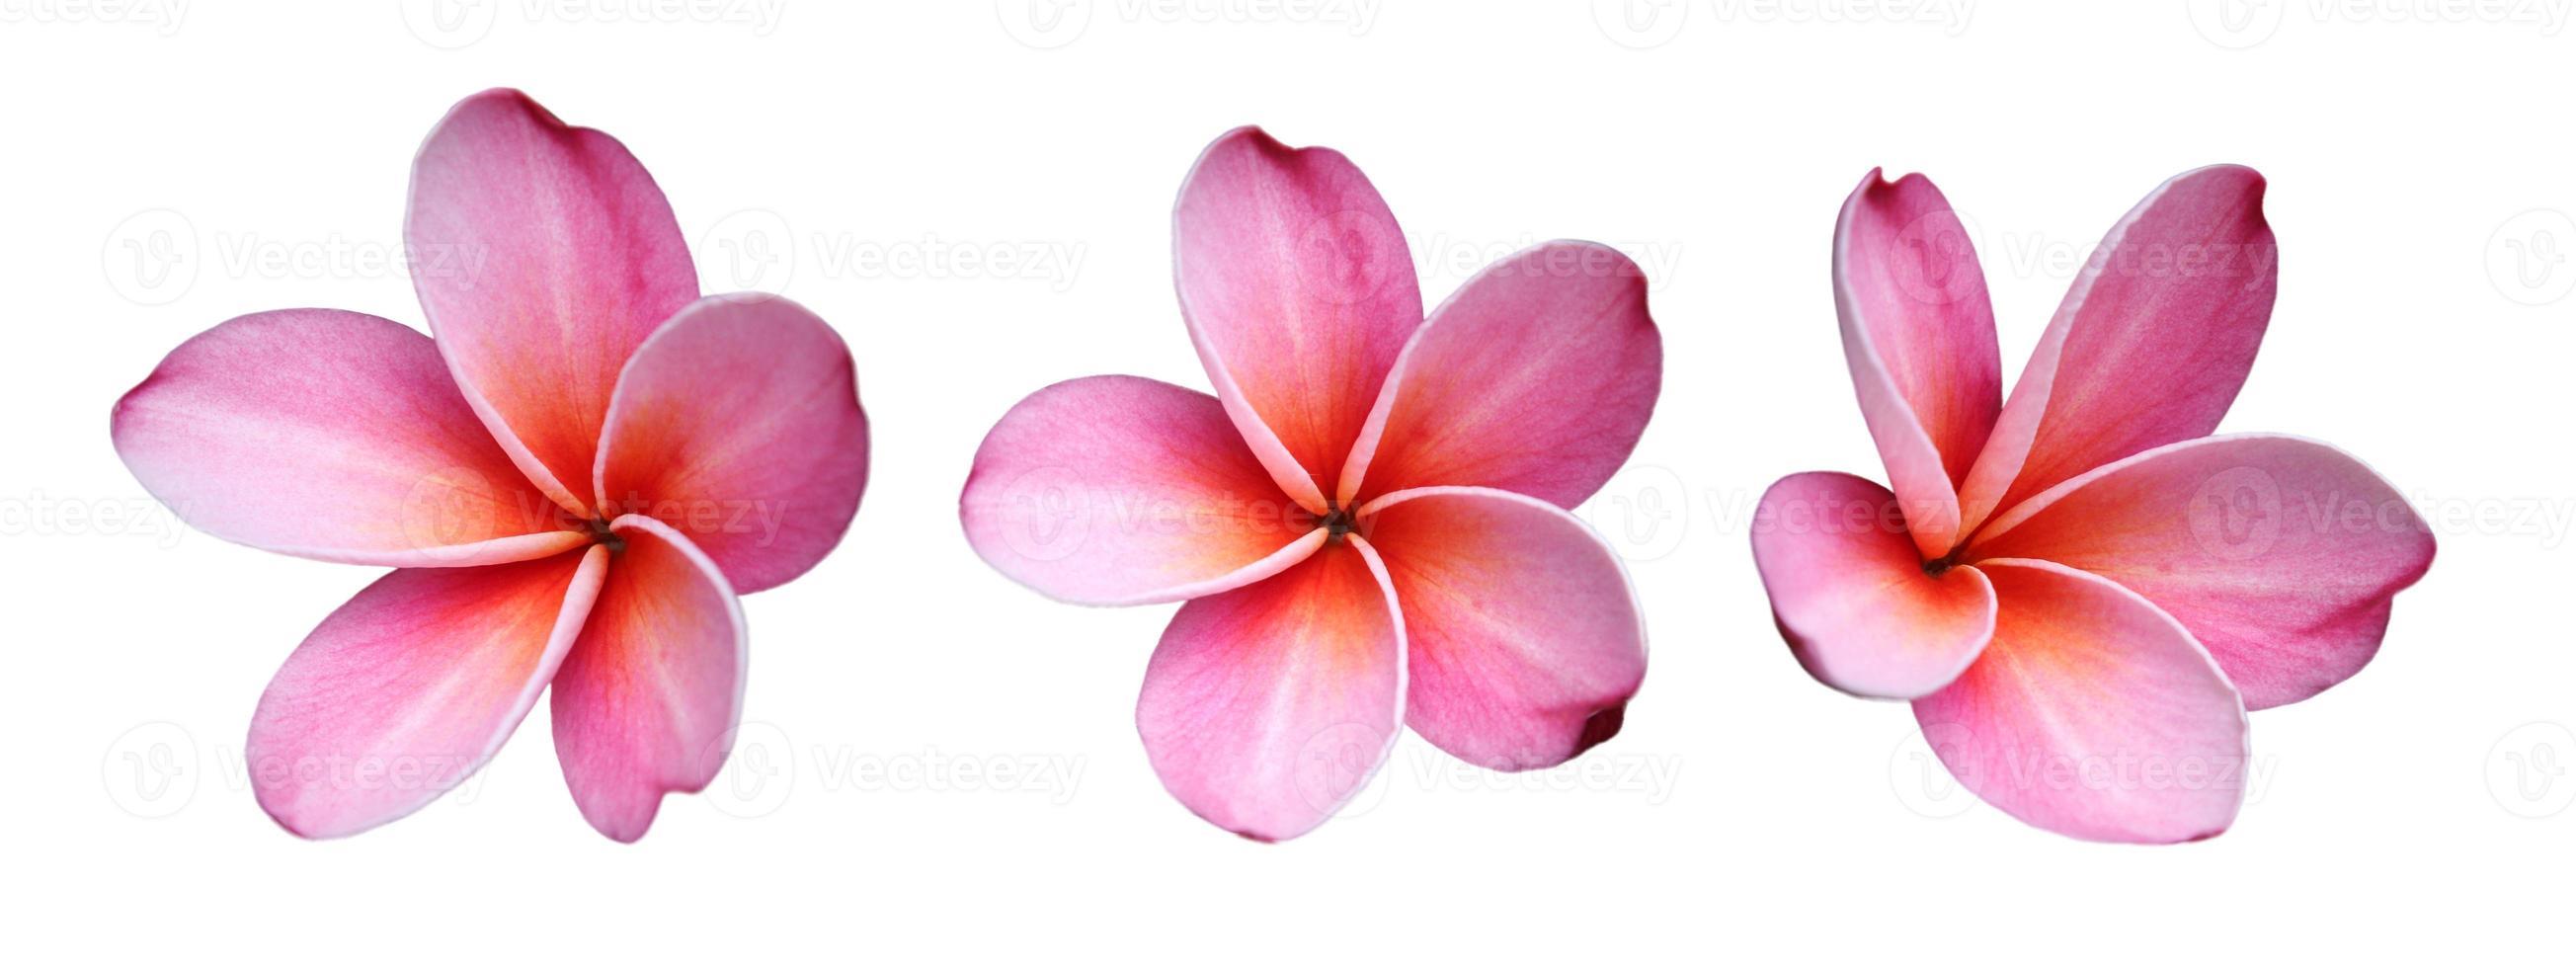 Frangipanis Blumen foto